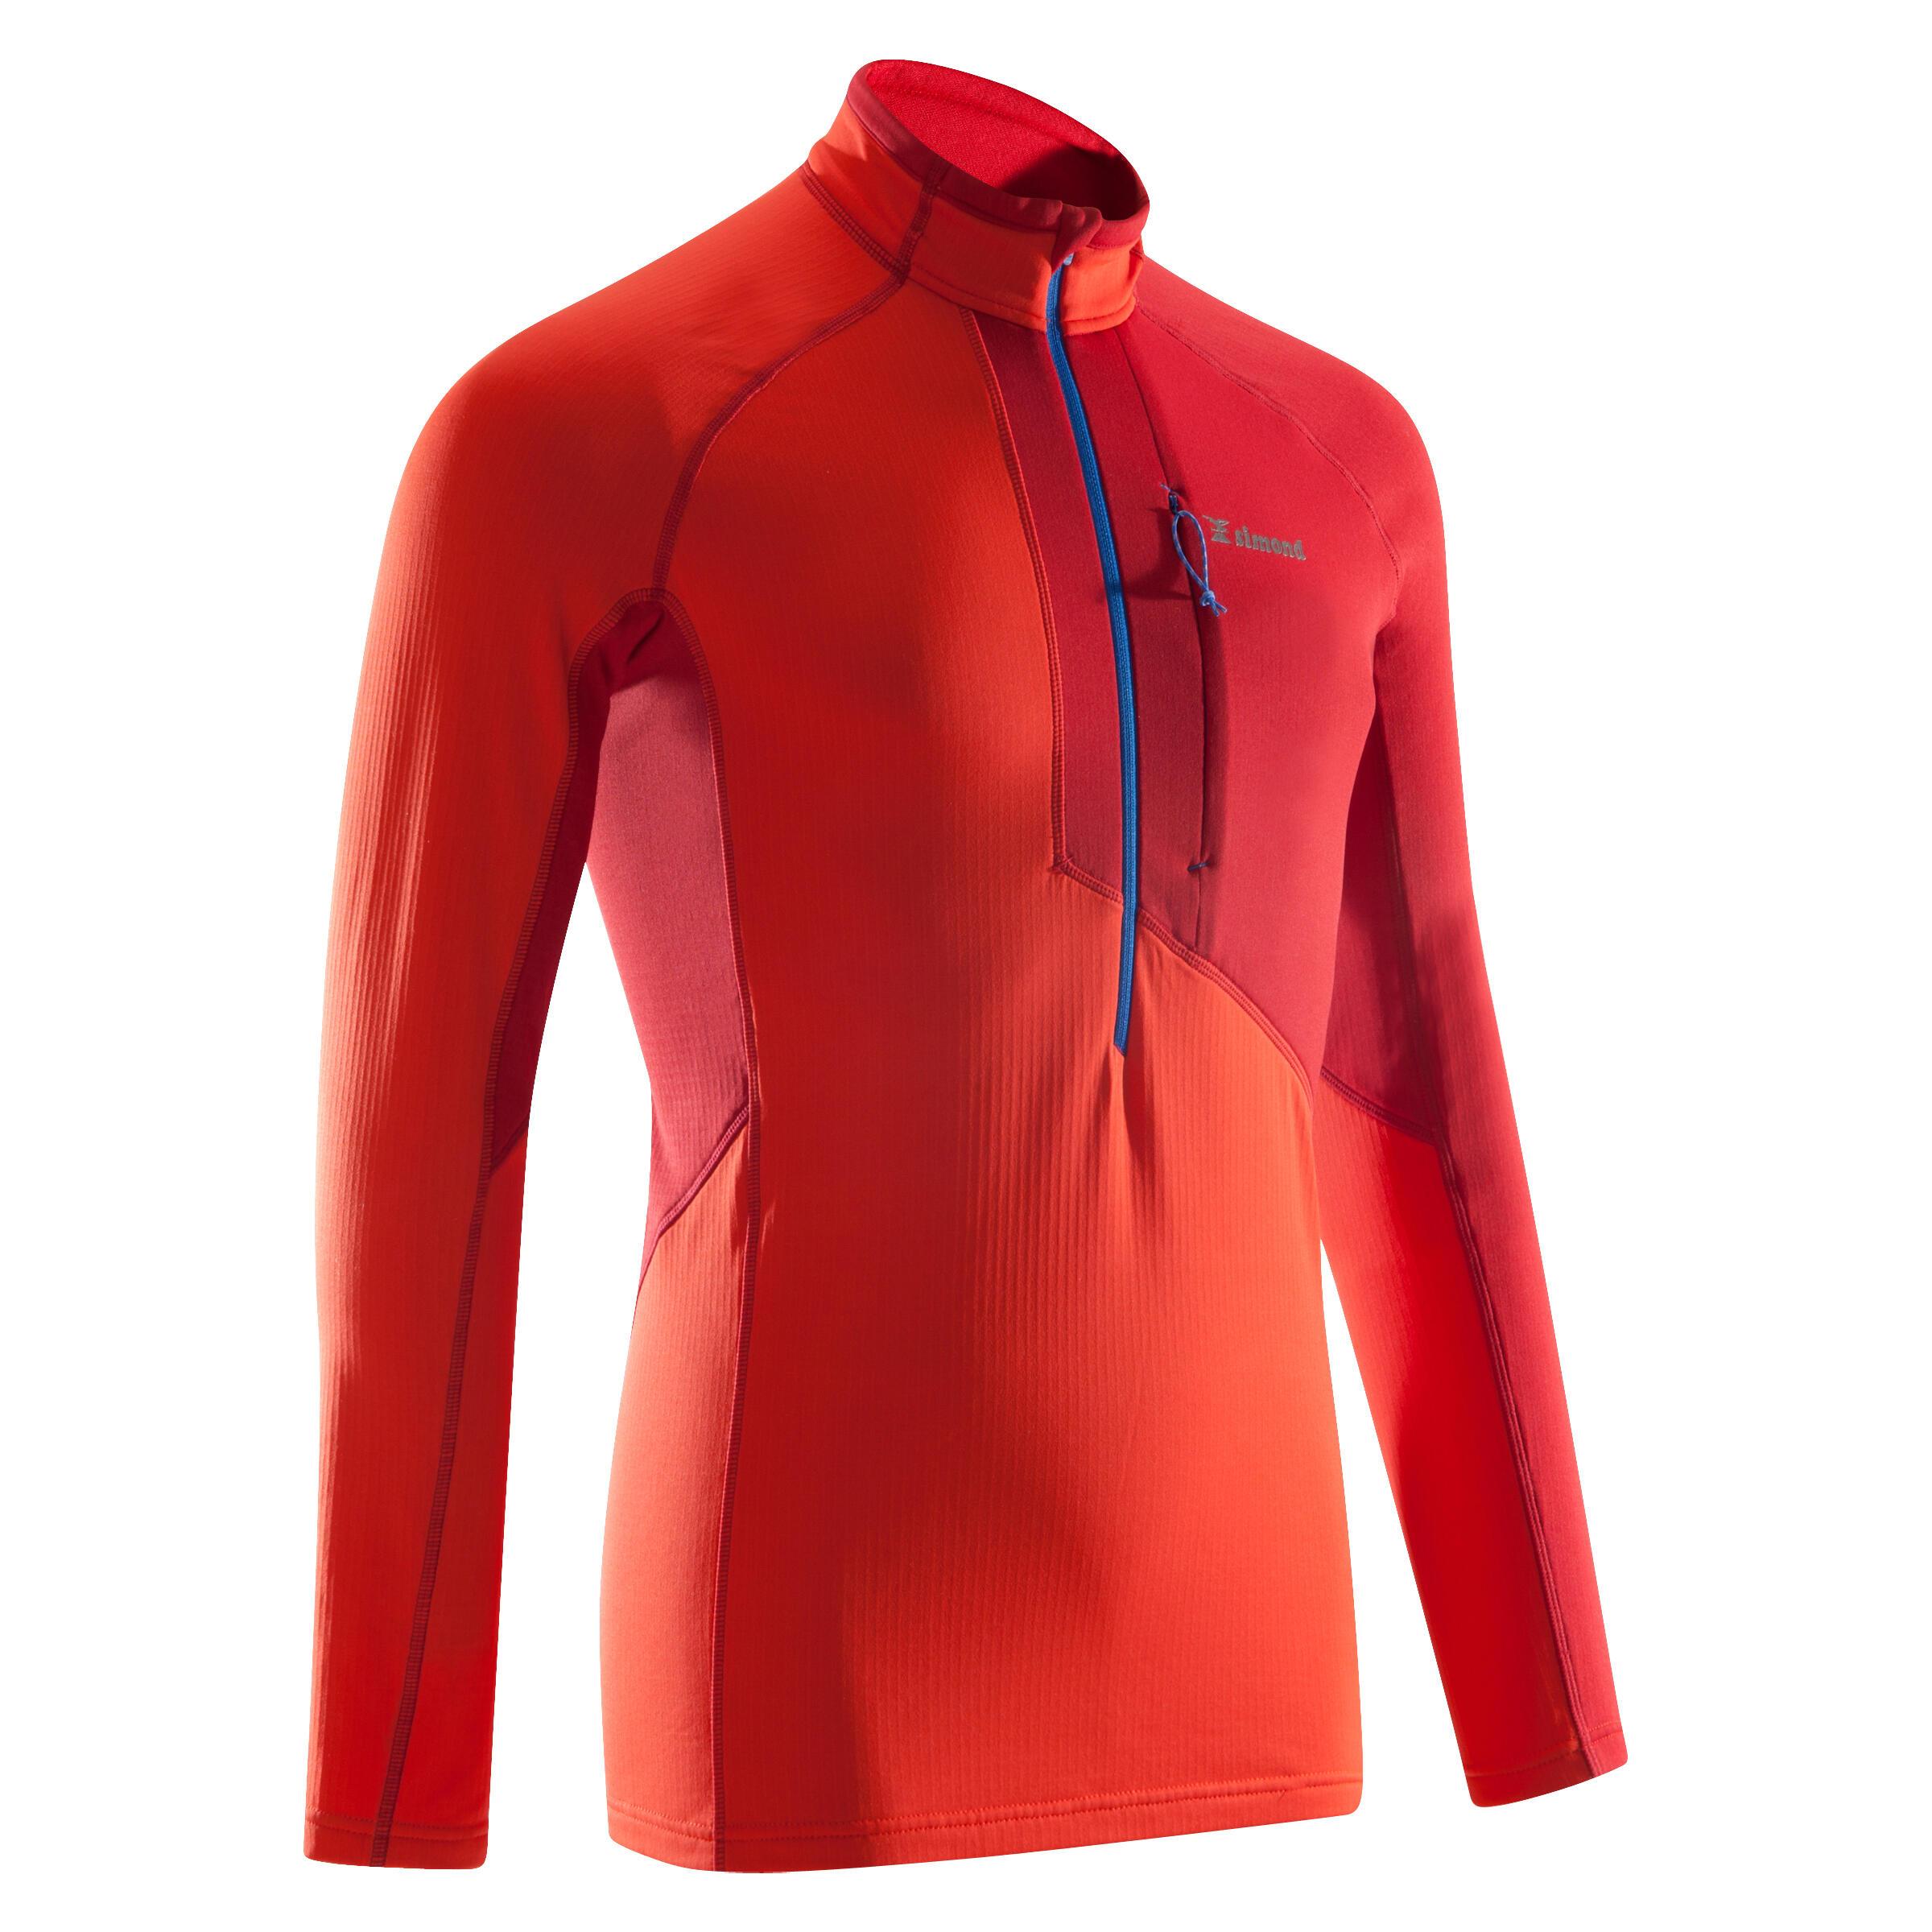 Men's Mountaineering 1/2 Zipper Sweatshirt - Vermilion Red